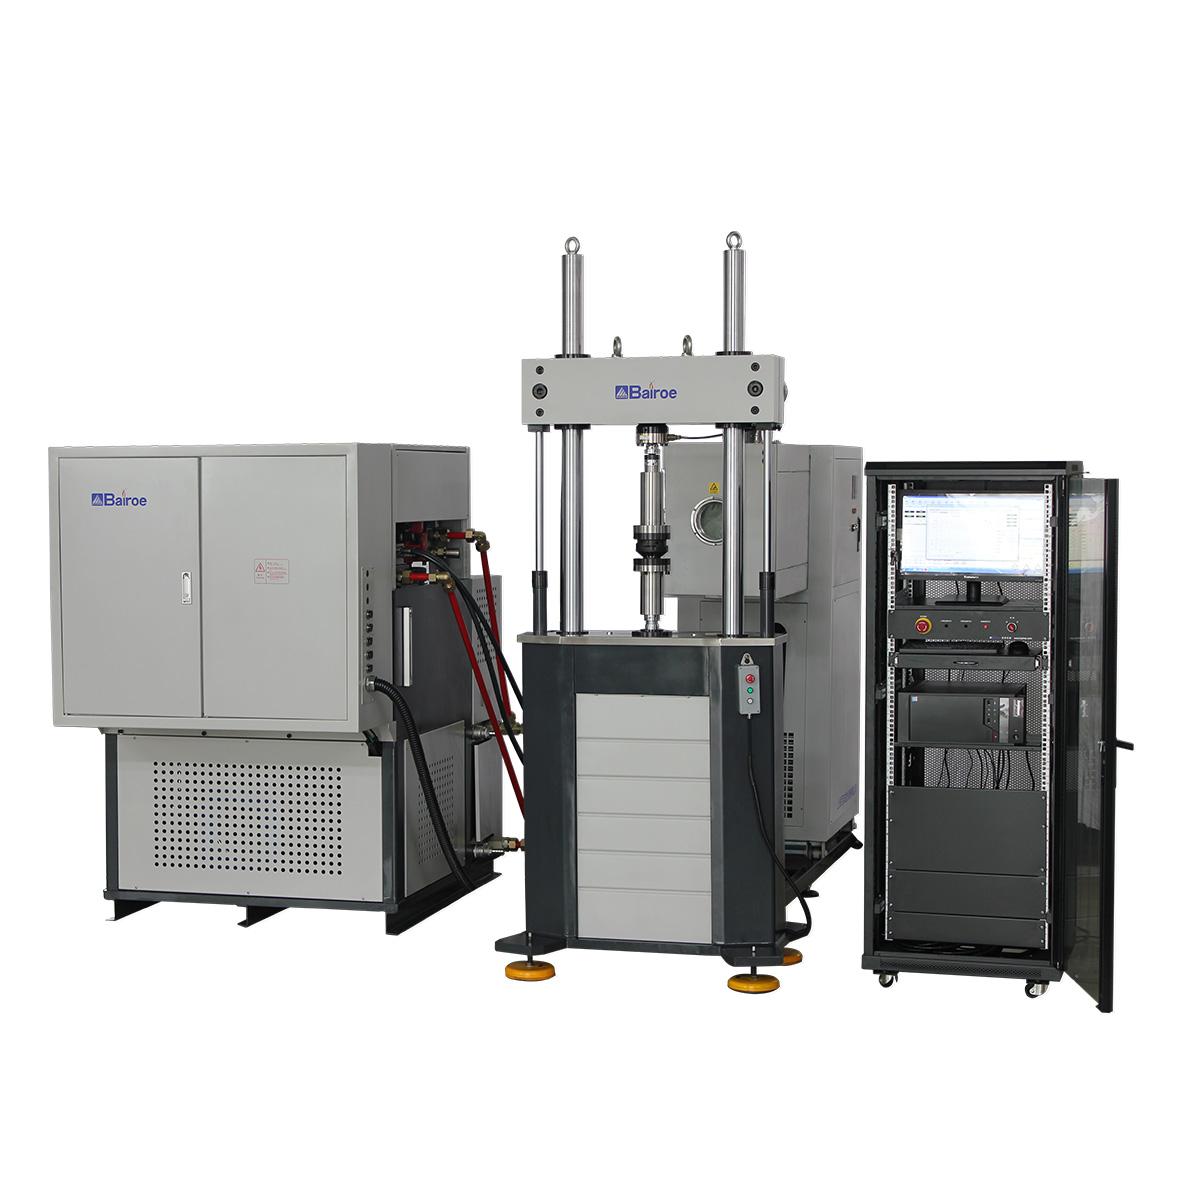 PLW-30 電液伺服疲勞試驗機